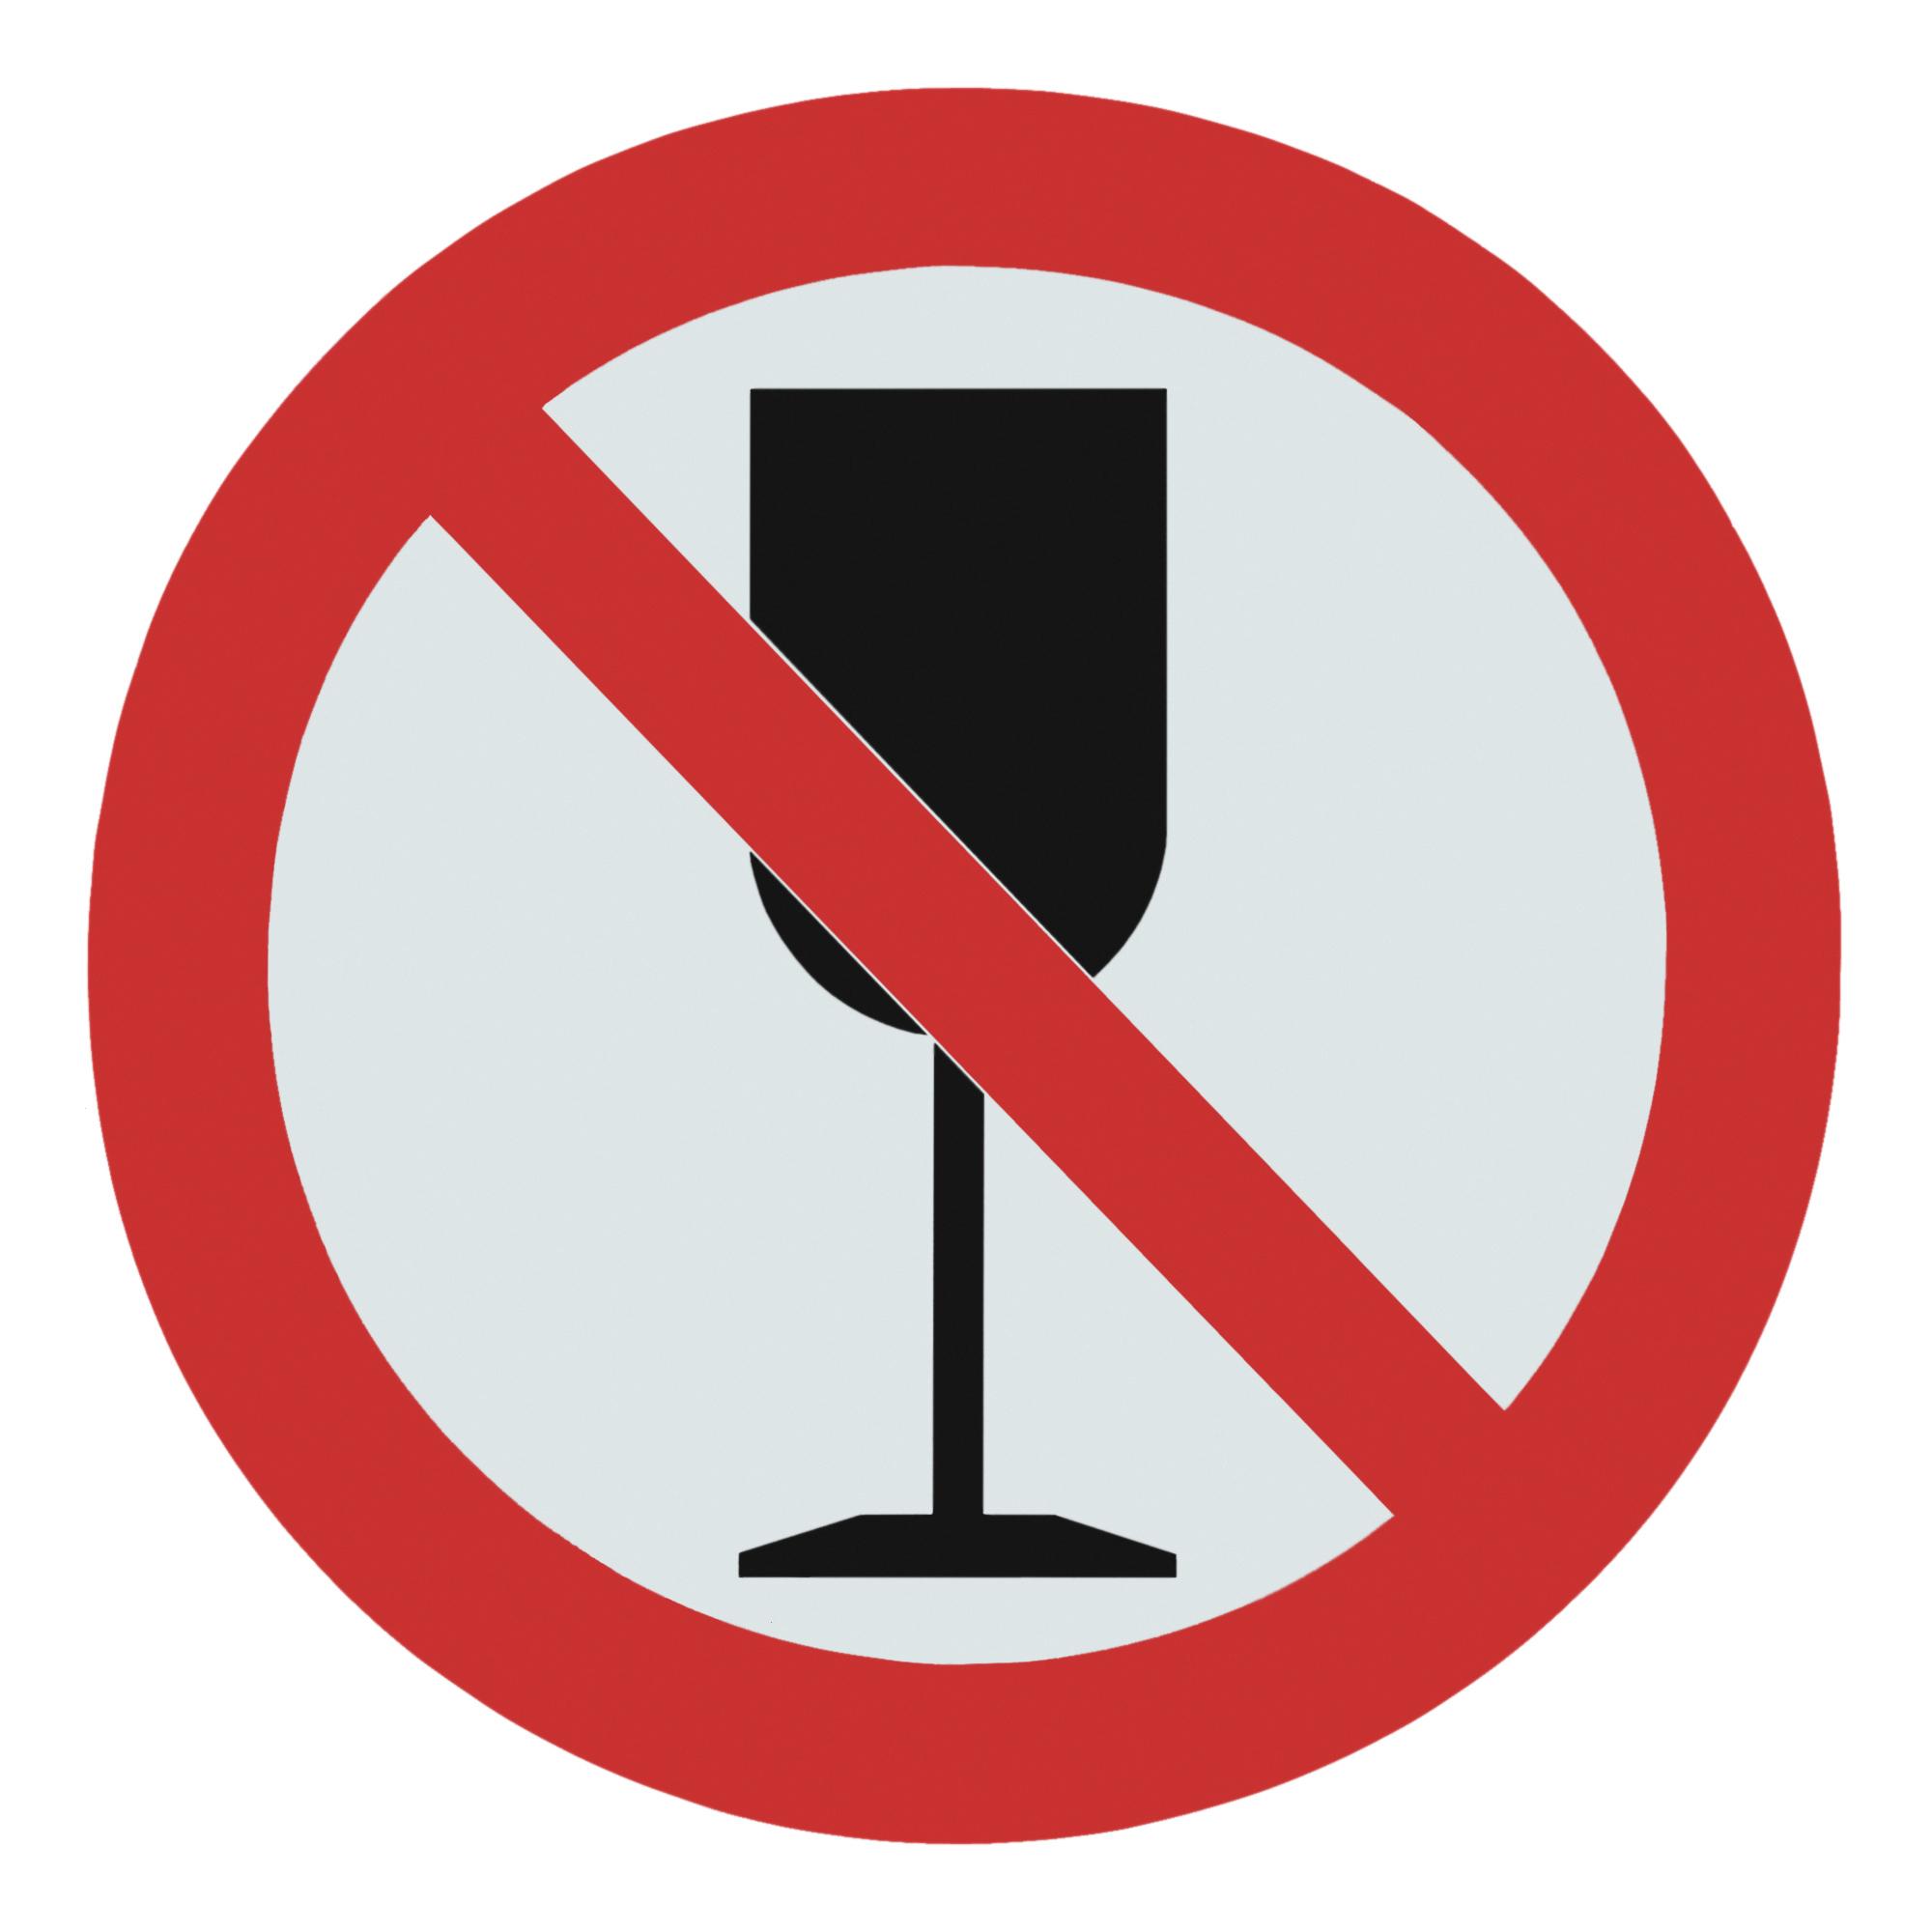 анкета по самооценке уровня потребления алкоголя